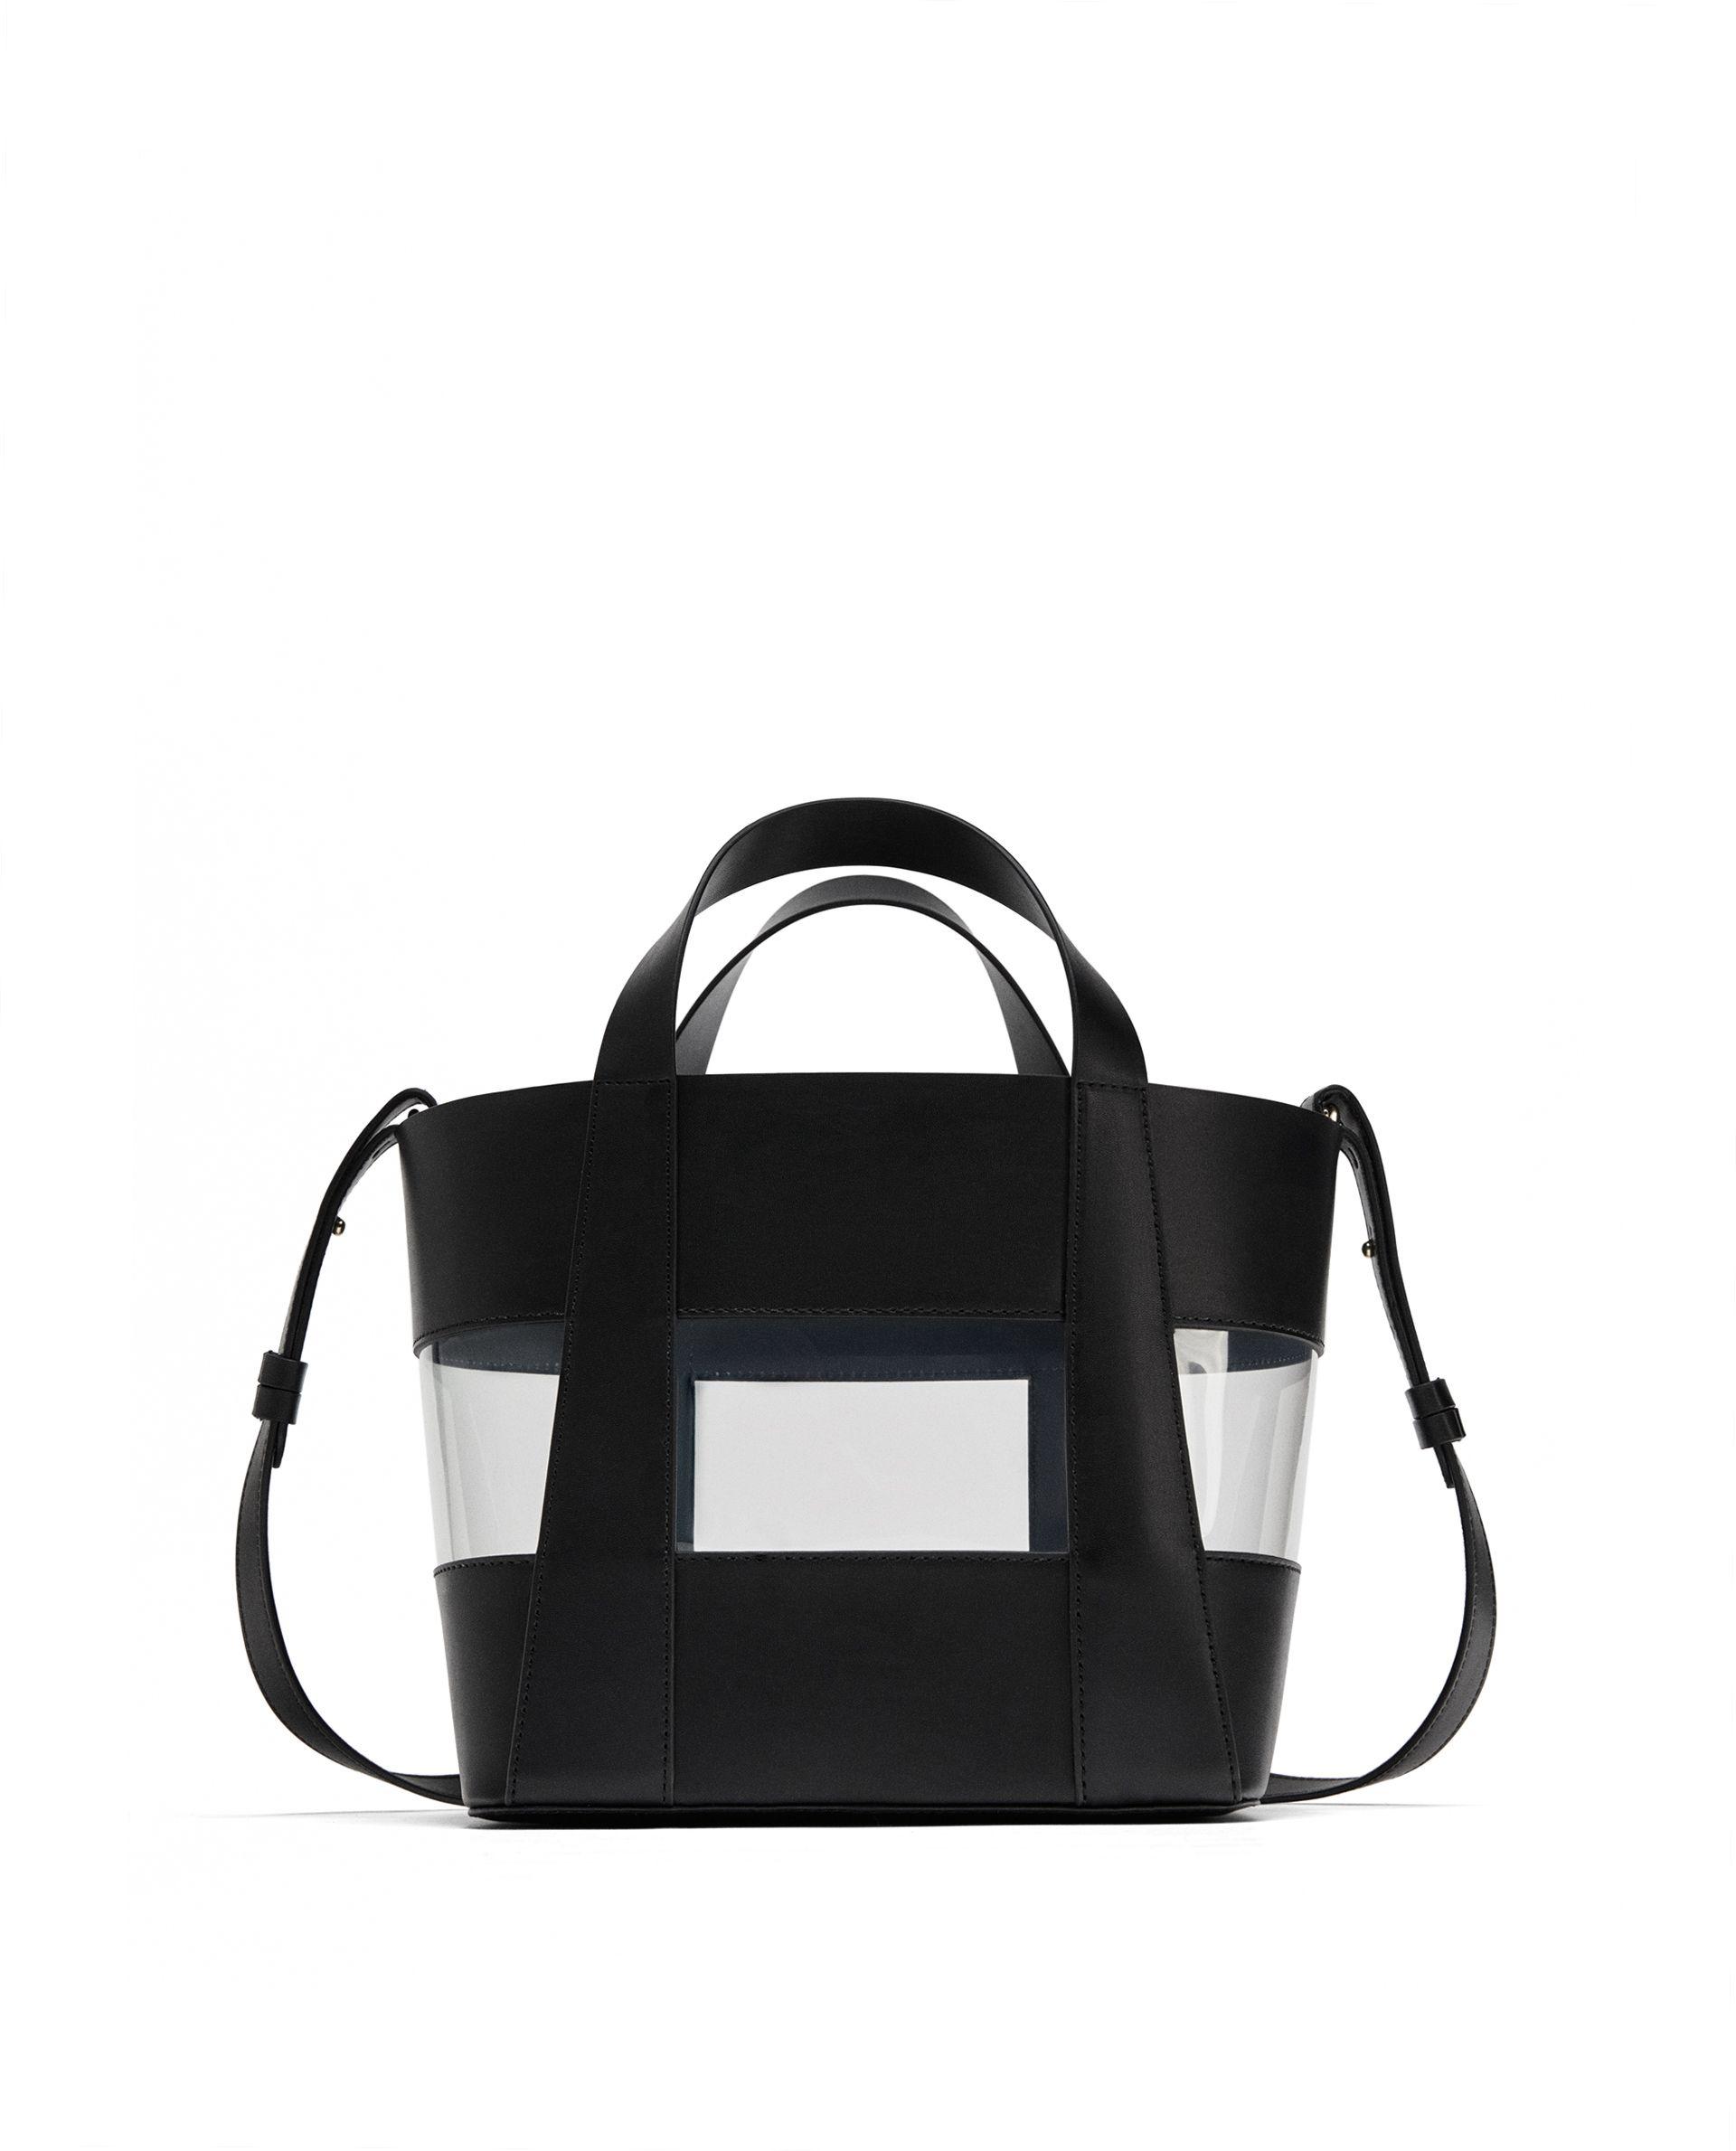 d3339dff4 Bolso negro con transparencia, de Zara Black and see-through bag, from Zara